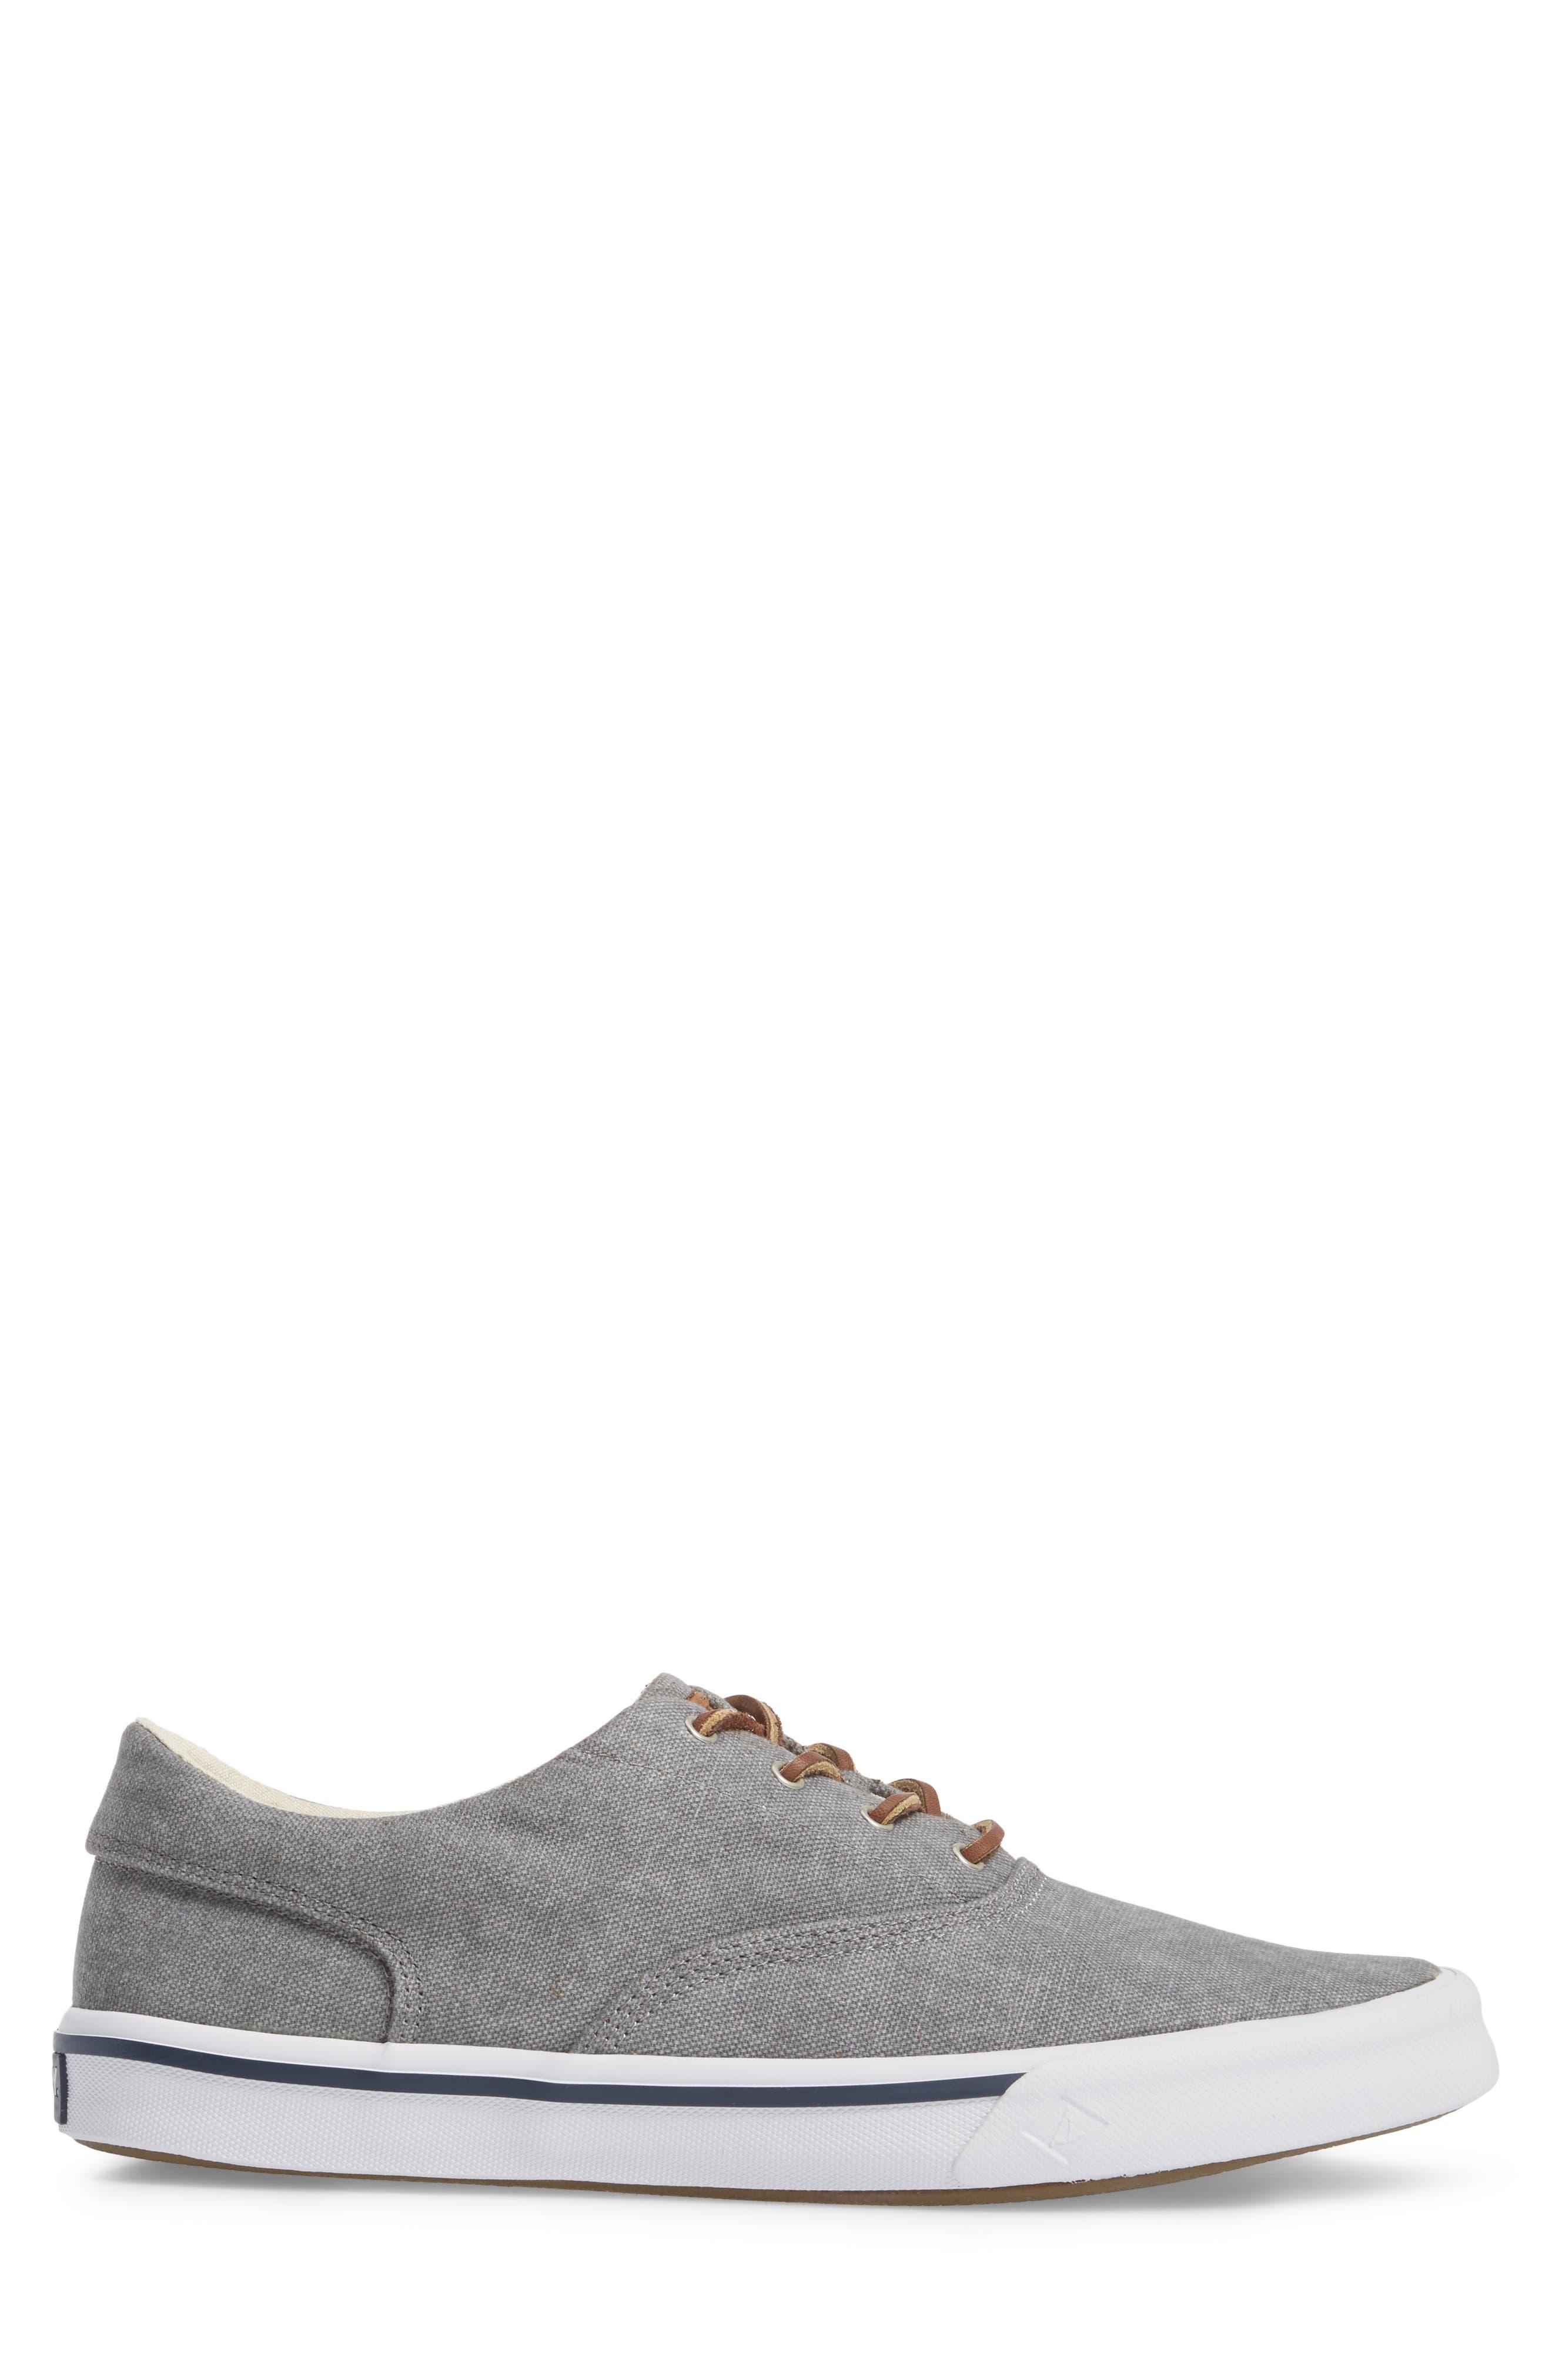 SPERRY, Striper 2 CVO Sneaker, Alternate thumbnail 3, color, 020